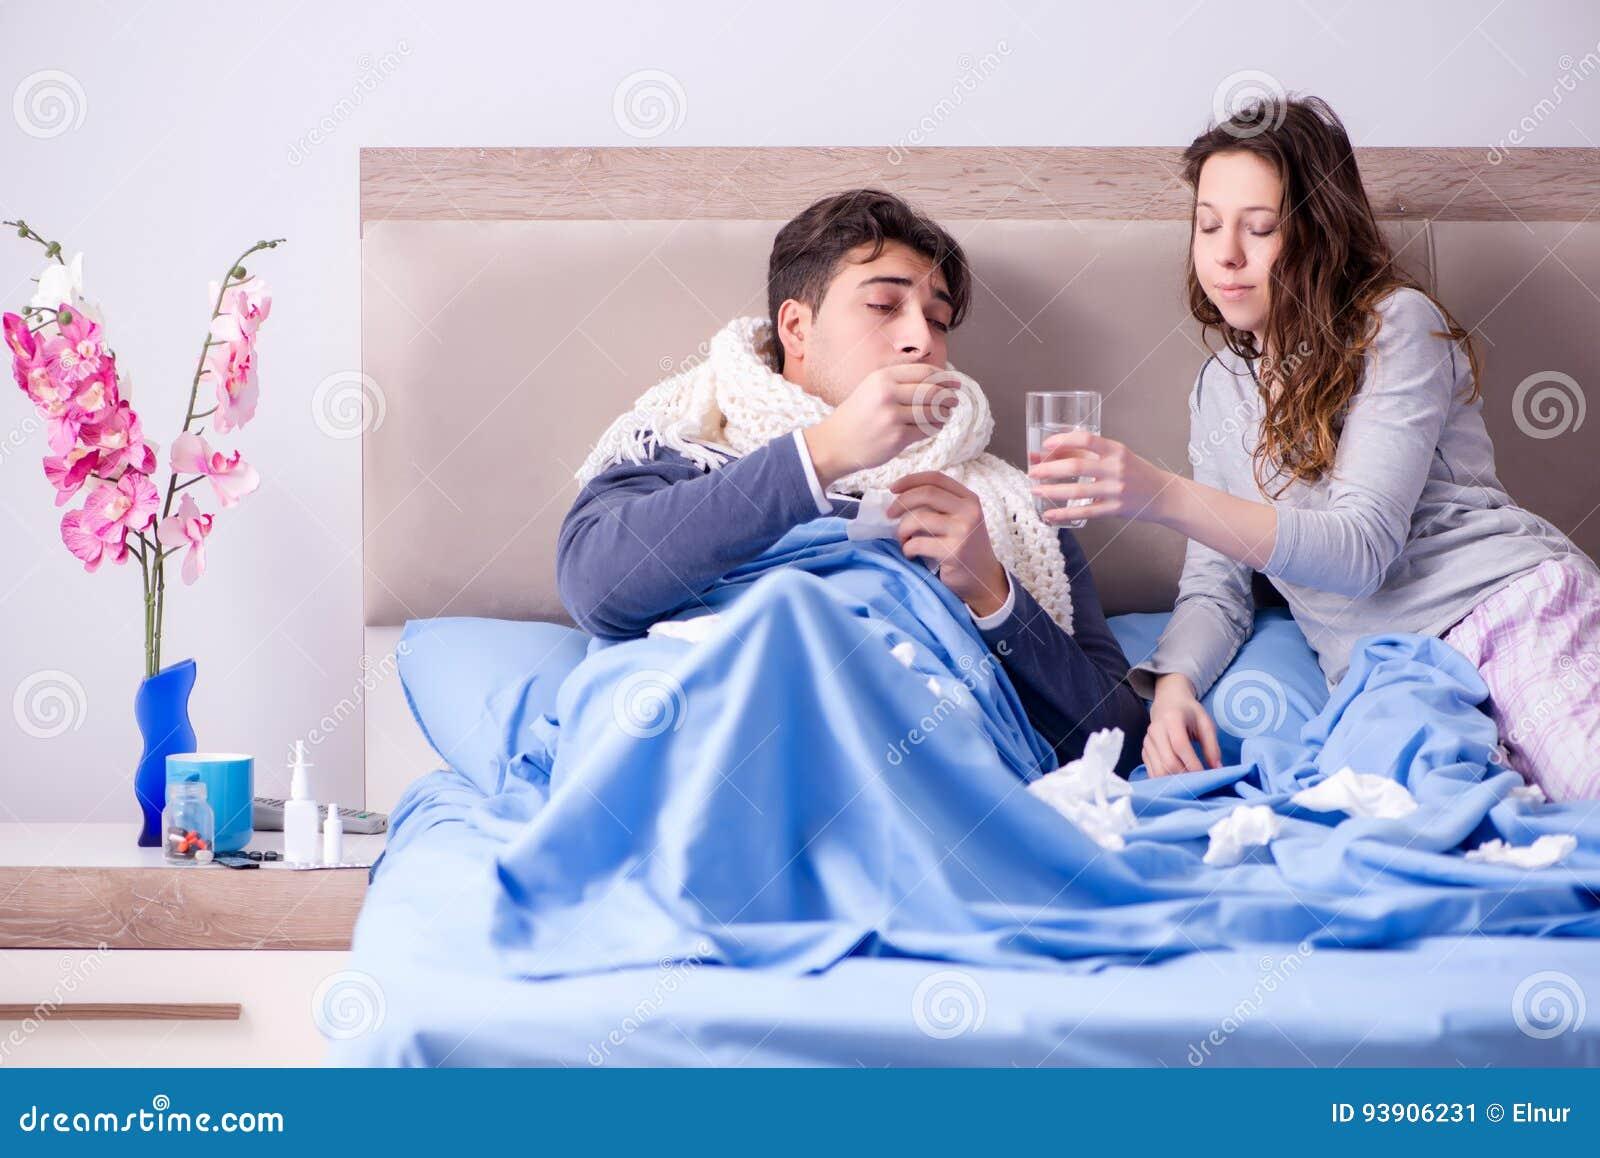 La moglie che si occupa del marito malato a casa a letto immagine stock immagine 93906231 - Giochi che si baciano a letto ...